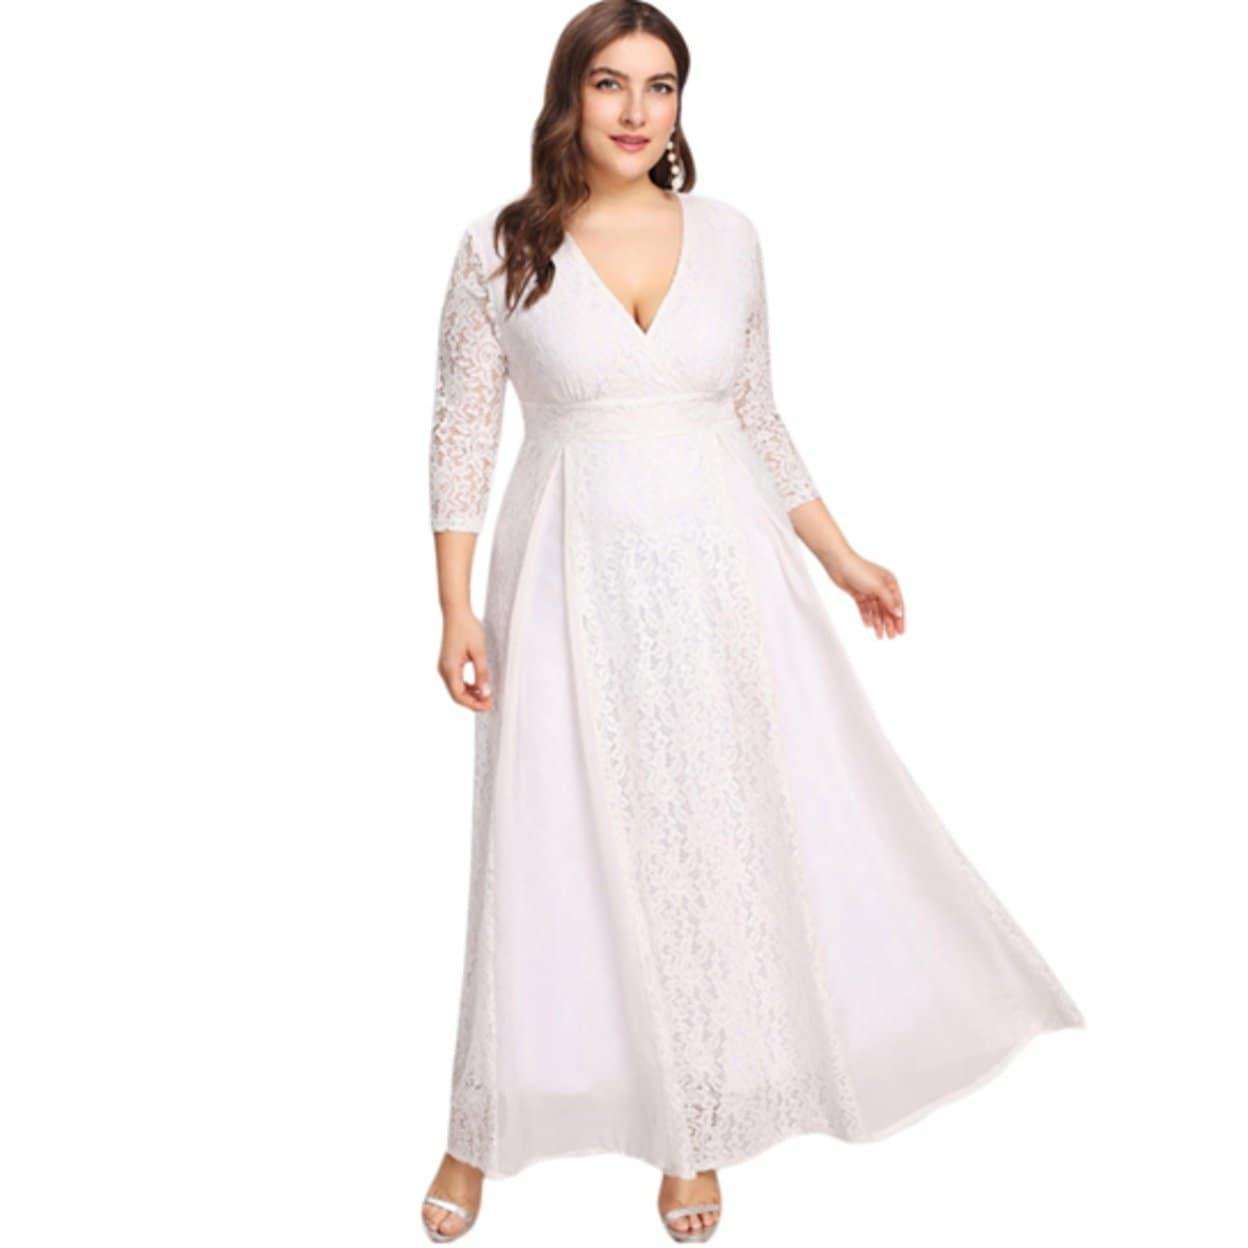 Women S Plus Size High Waist Lace Overlay Evening Maxi Dress